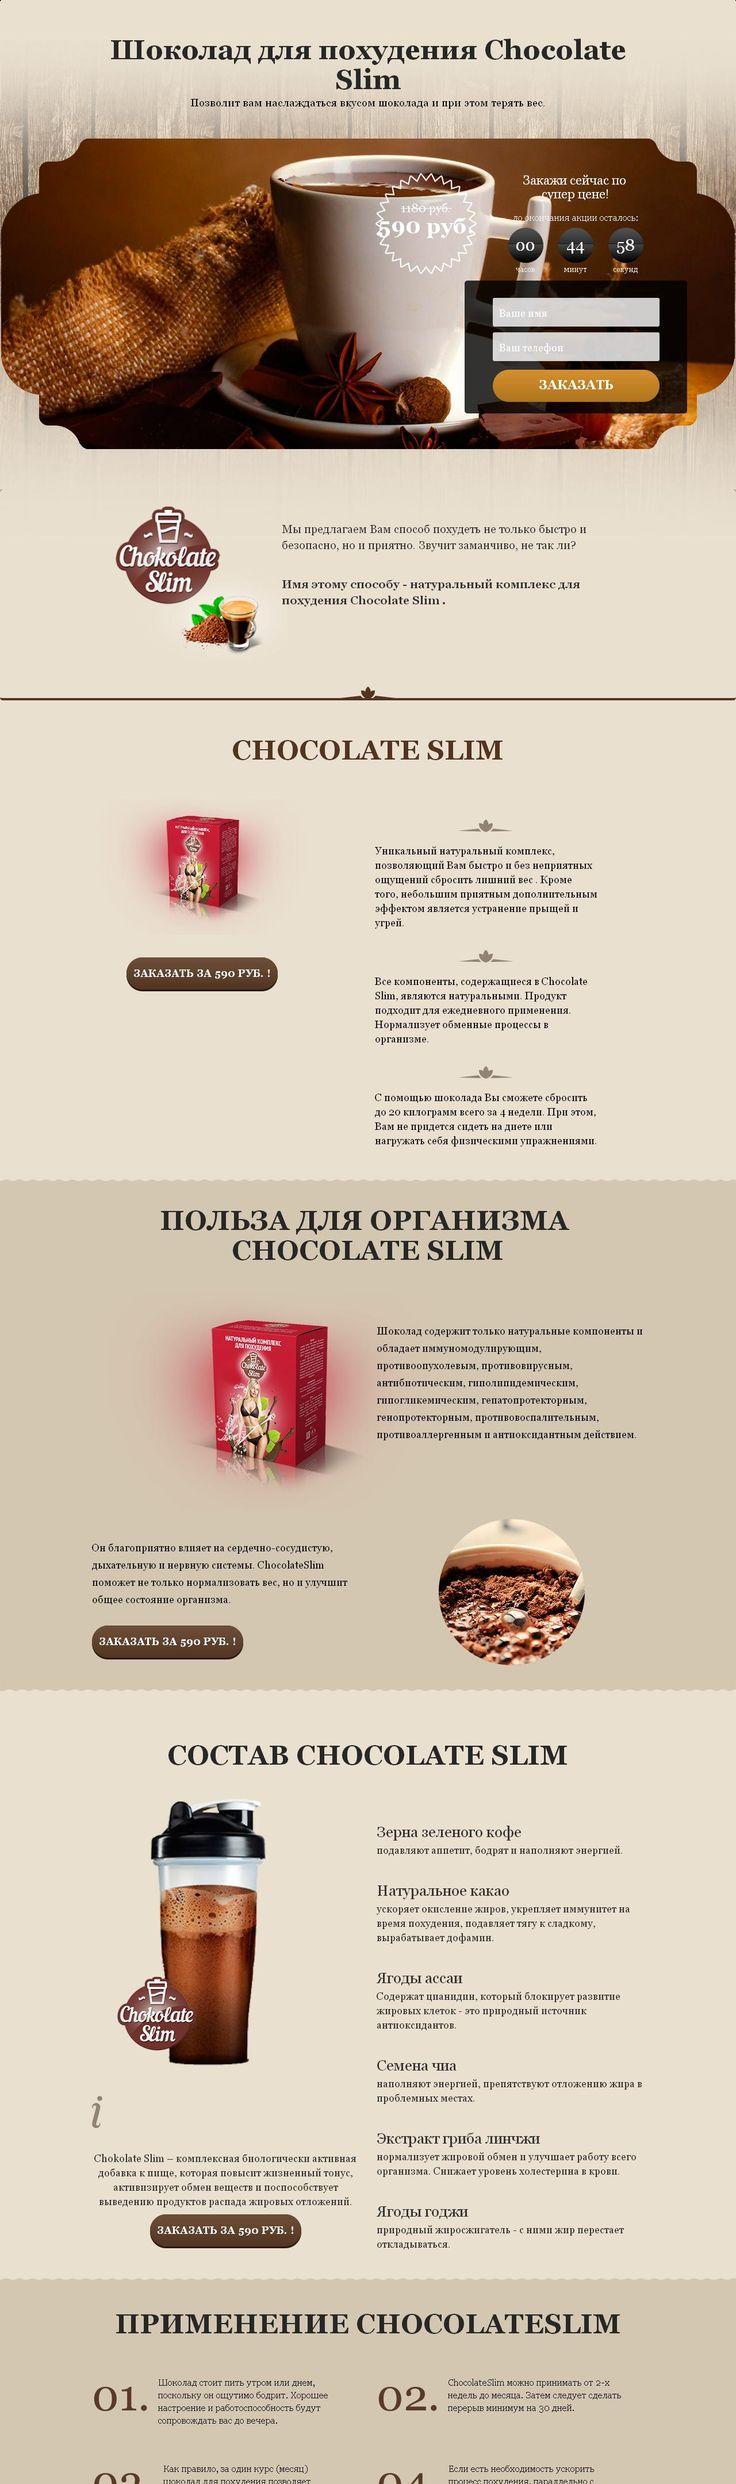 Chocolate Slim Для Похудения Реальные Отзывы. Chocolate Slim для похудения